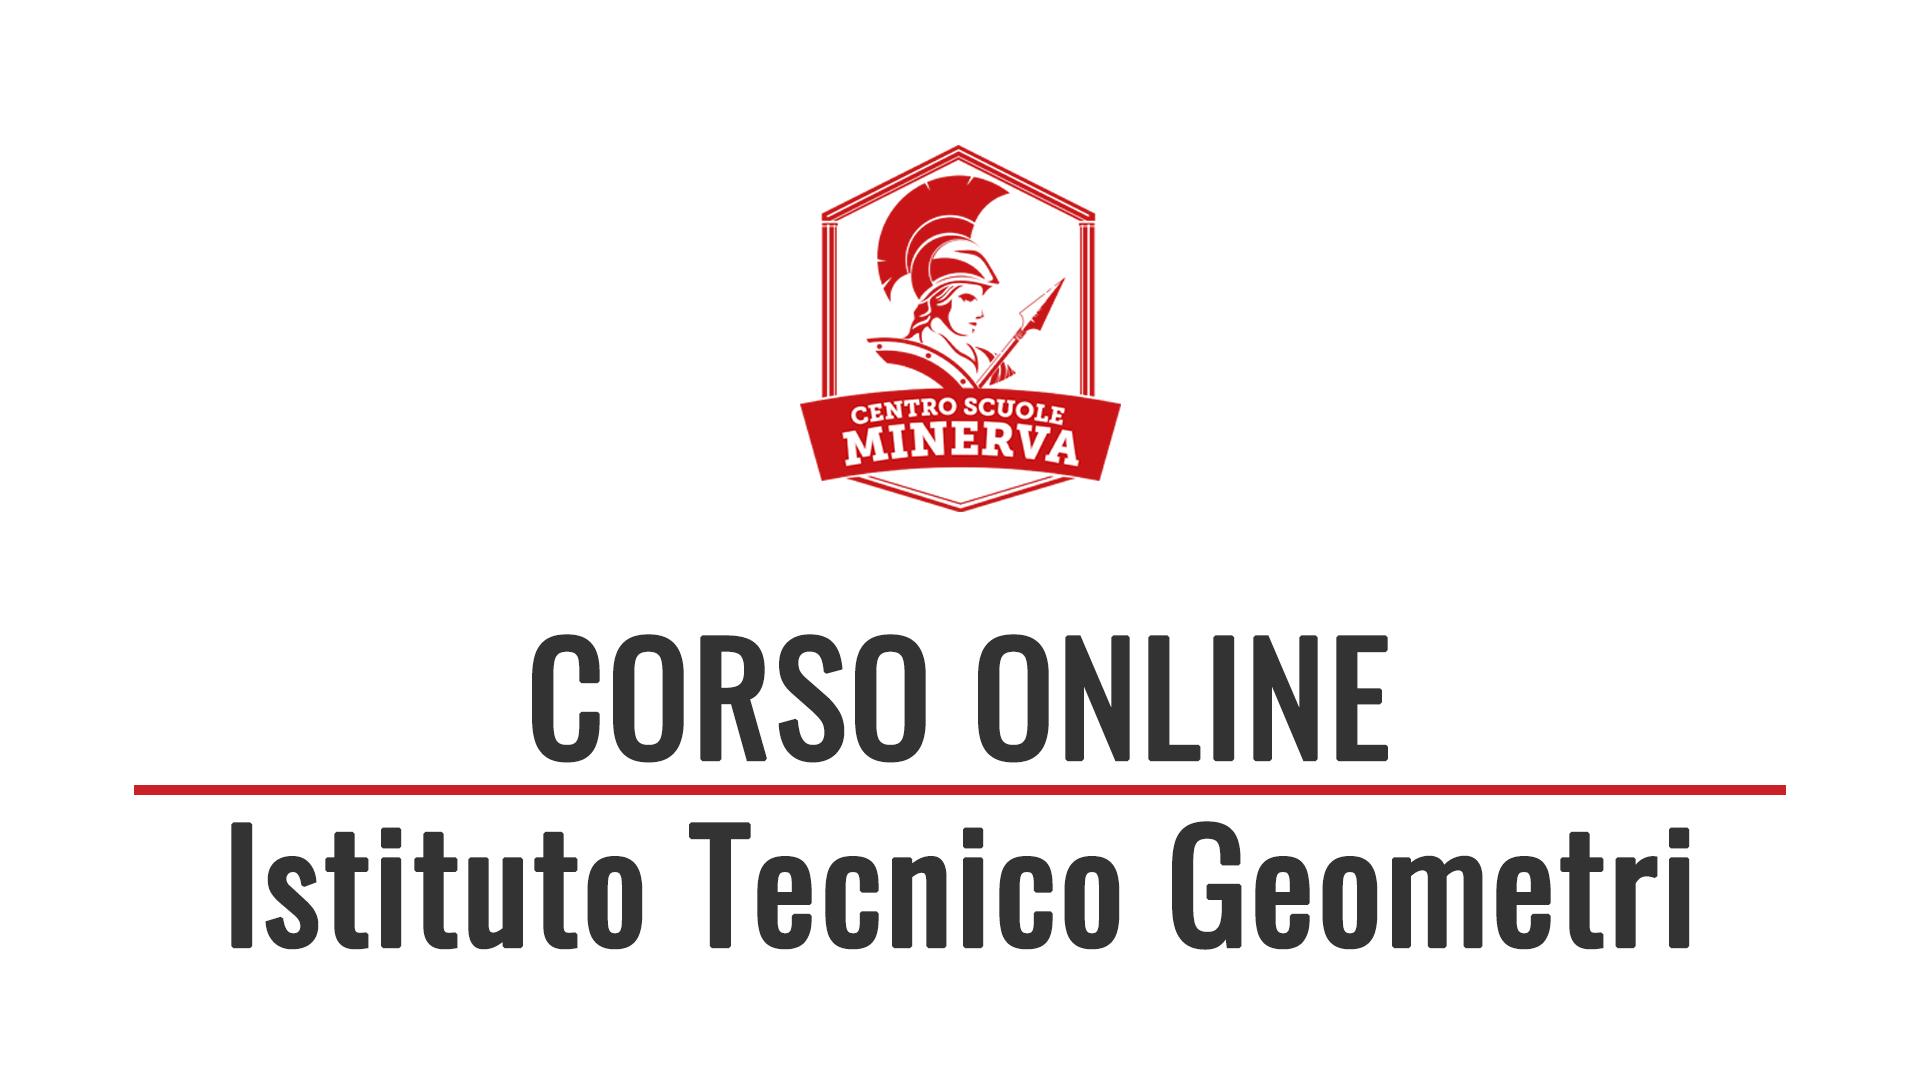 Corso Online Istituto Tecnico Geometri